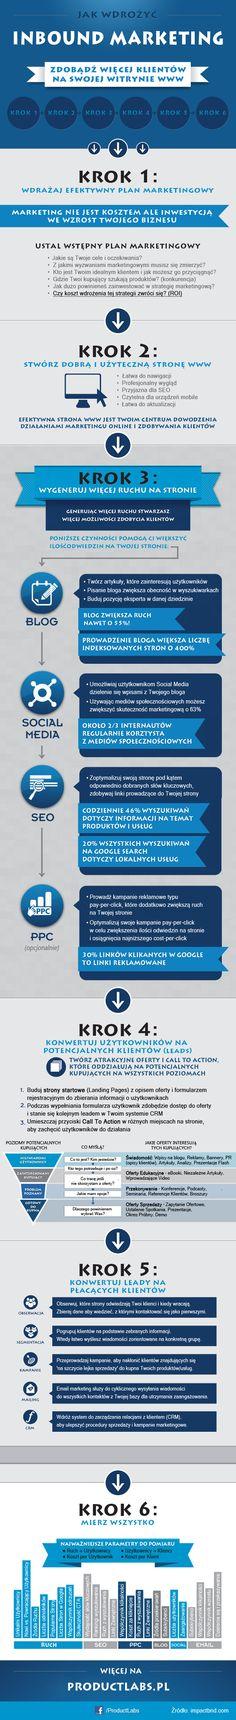 #Inbound #Marketing – jak wdrożyć? #Infografika via productlabs.pl